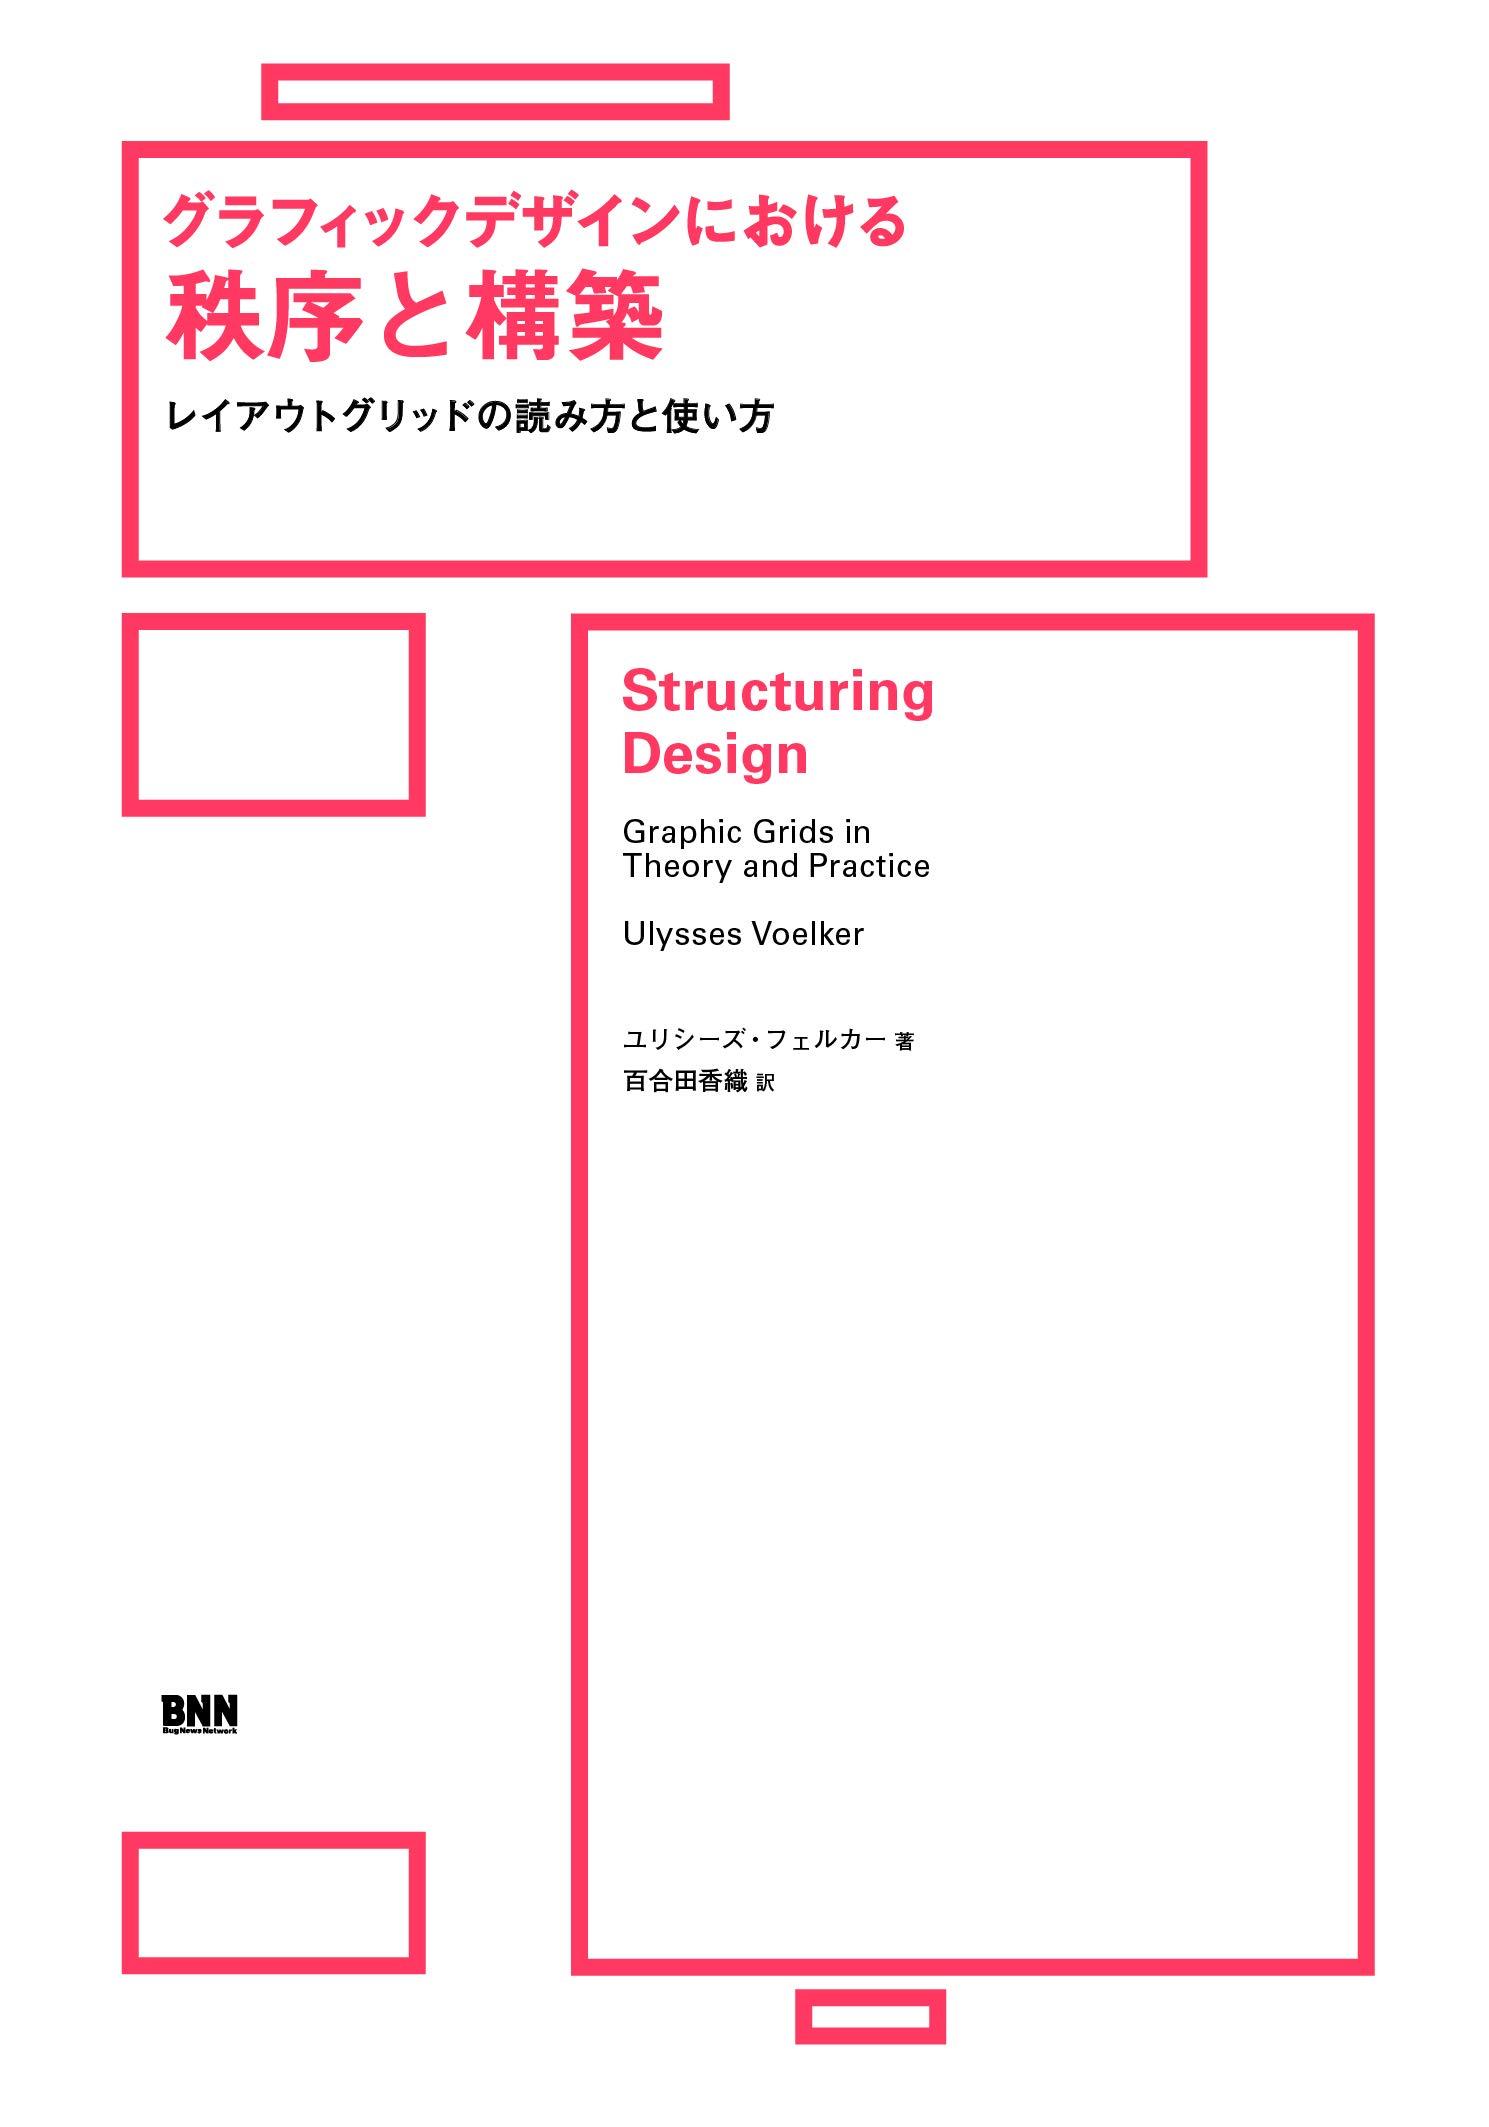 『グラフィックデザインにおける秩序と構築  レイアウトグリッドの読み方と使い方』